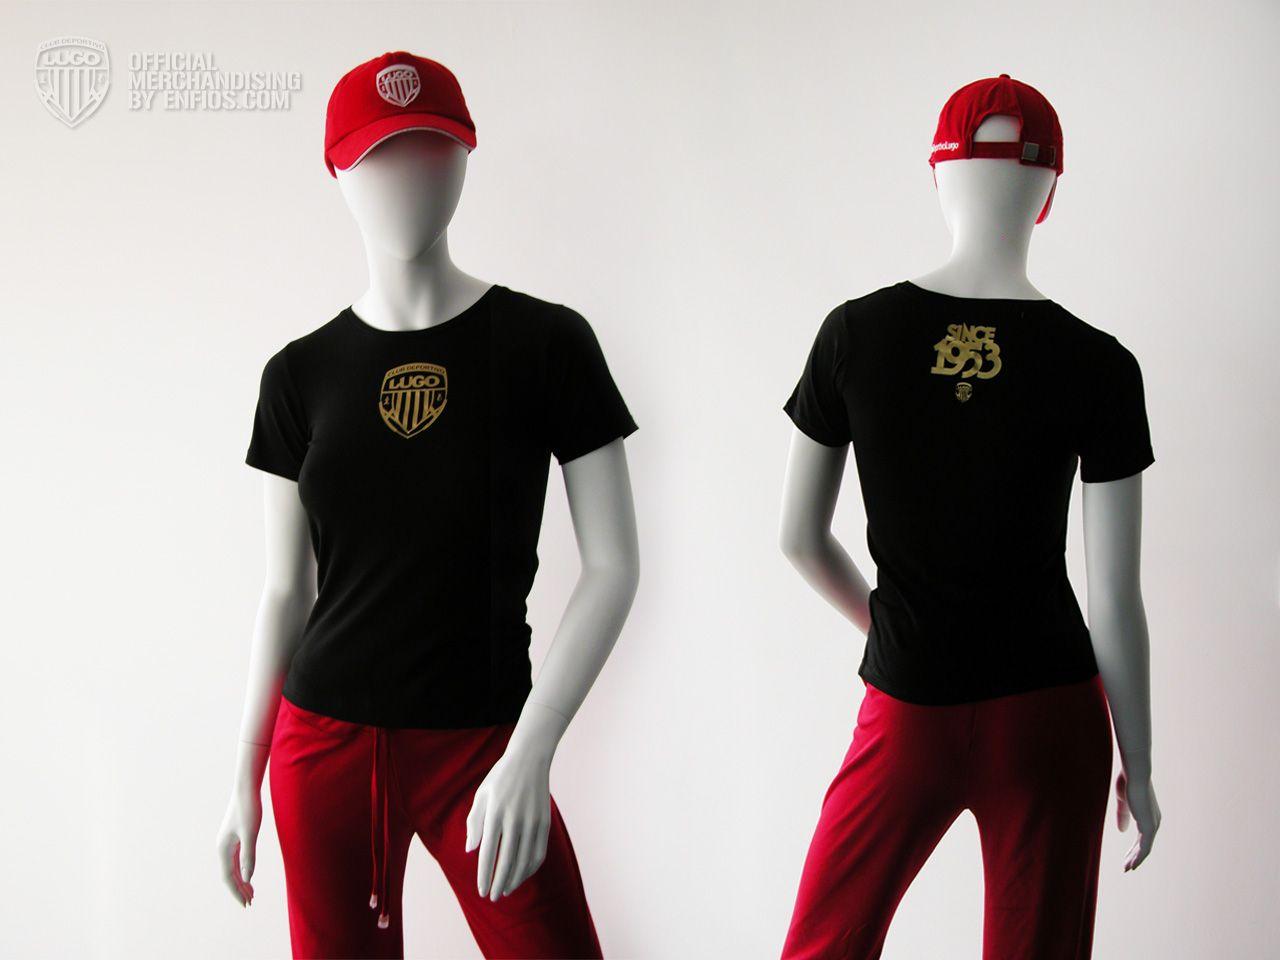 """La camiseta T-Shirt Black """"women""""del Club Deportivo Lugo es una camiseta de alta calidad, 100% algodón, punto tubular, cuello canalé, doble pespunte y tapacosturas en el mismo material, es entallada.    Esta camiseta es negra serigrafiada en color dorado. En la parte central superior del pecho con el escudo del Club Deportivo Lugo y un logo de la fundación del Club """"SINCE 1953"""" con un pequeño escudo justo debajo situado en la nuca.    La puedes encontrar en las tallas """"S"""", """"M"""", """"L""""."""